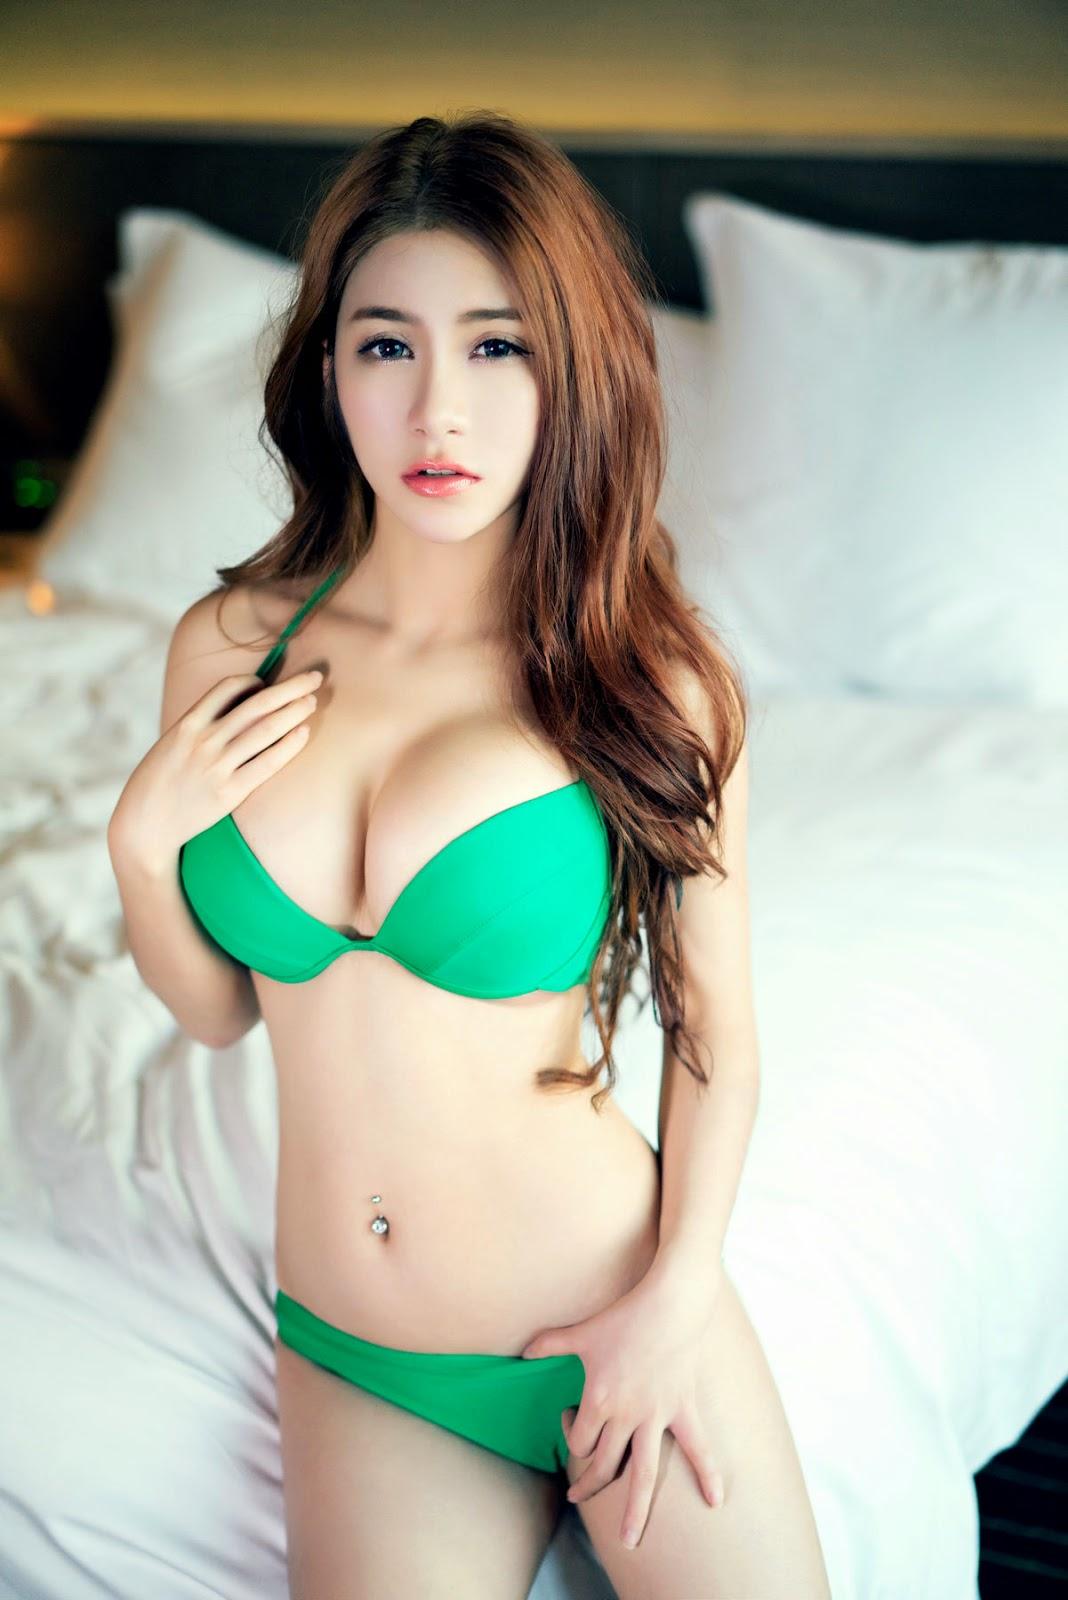 Li Qui Ci mẫu đồ lót cực khủng 10